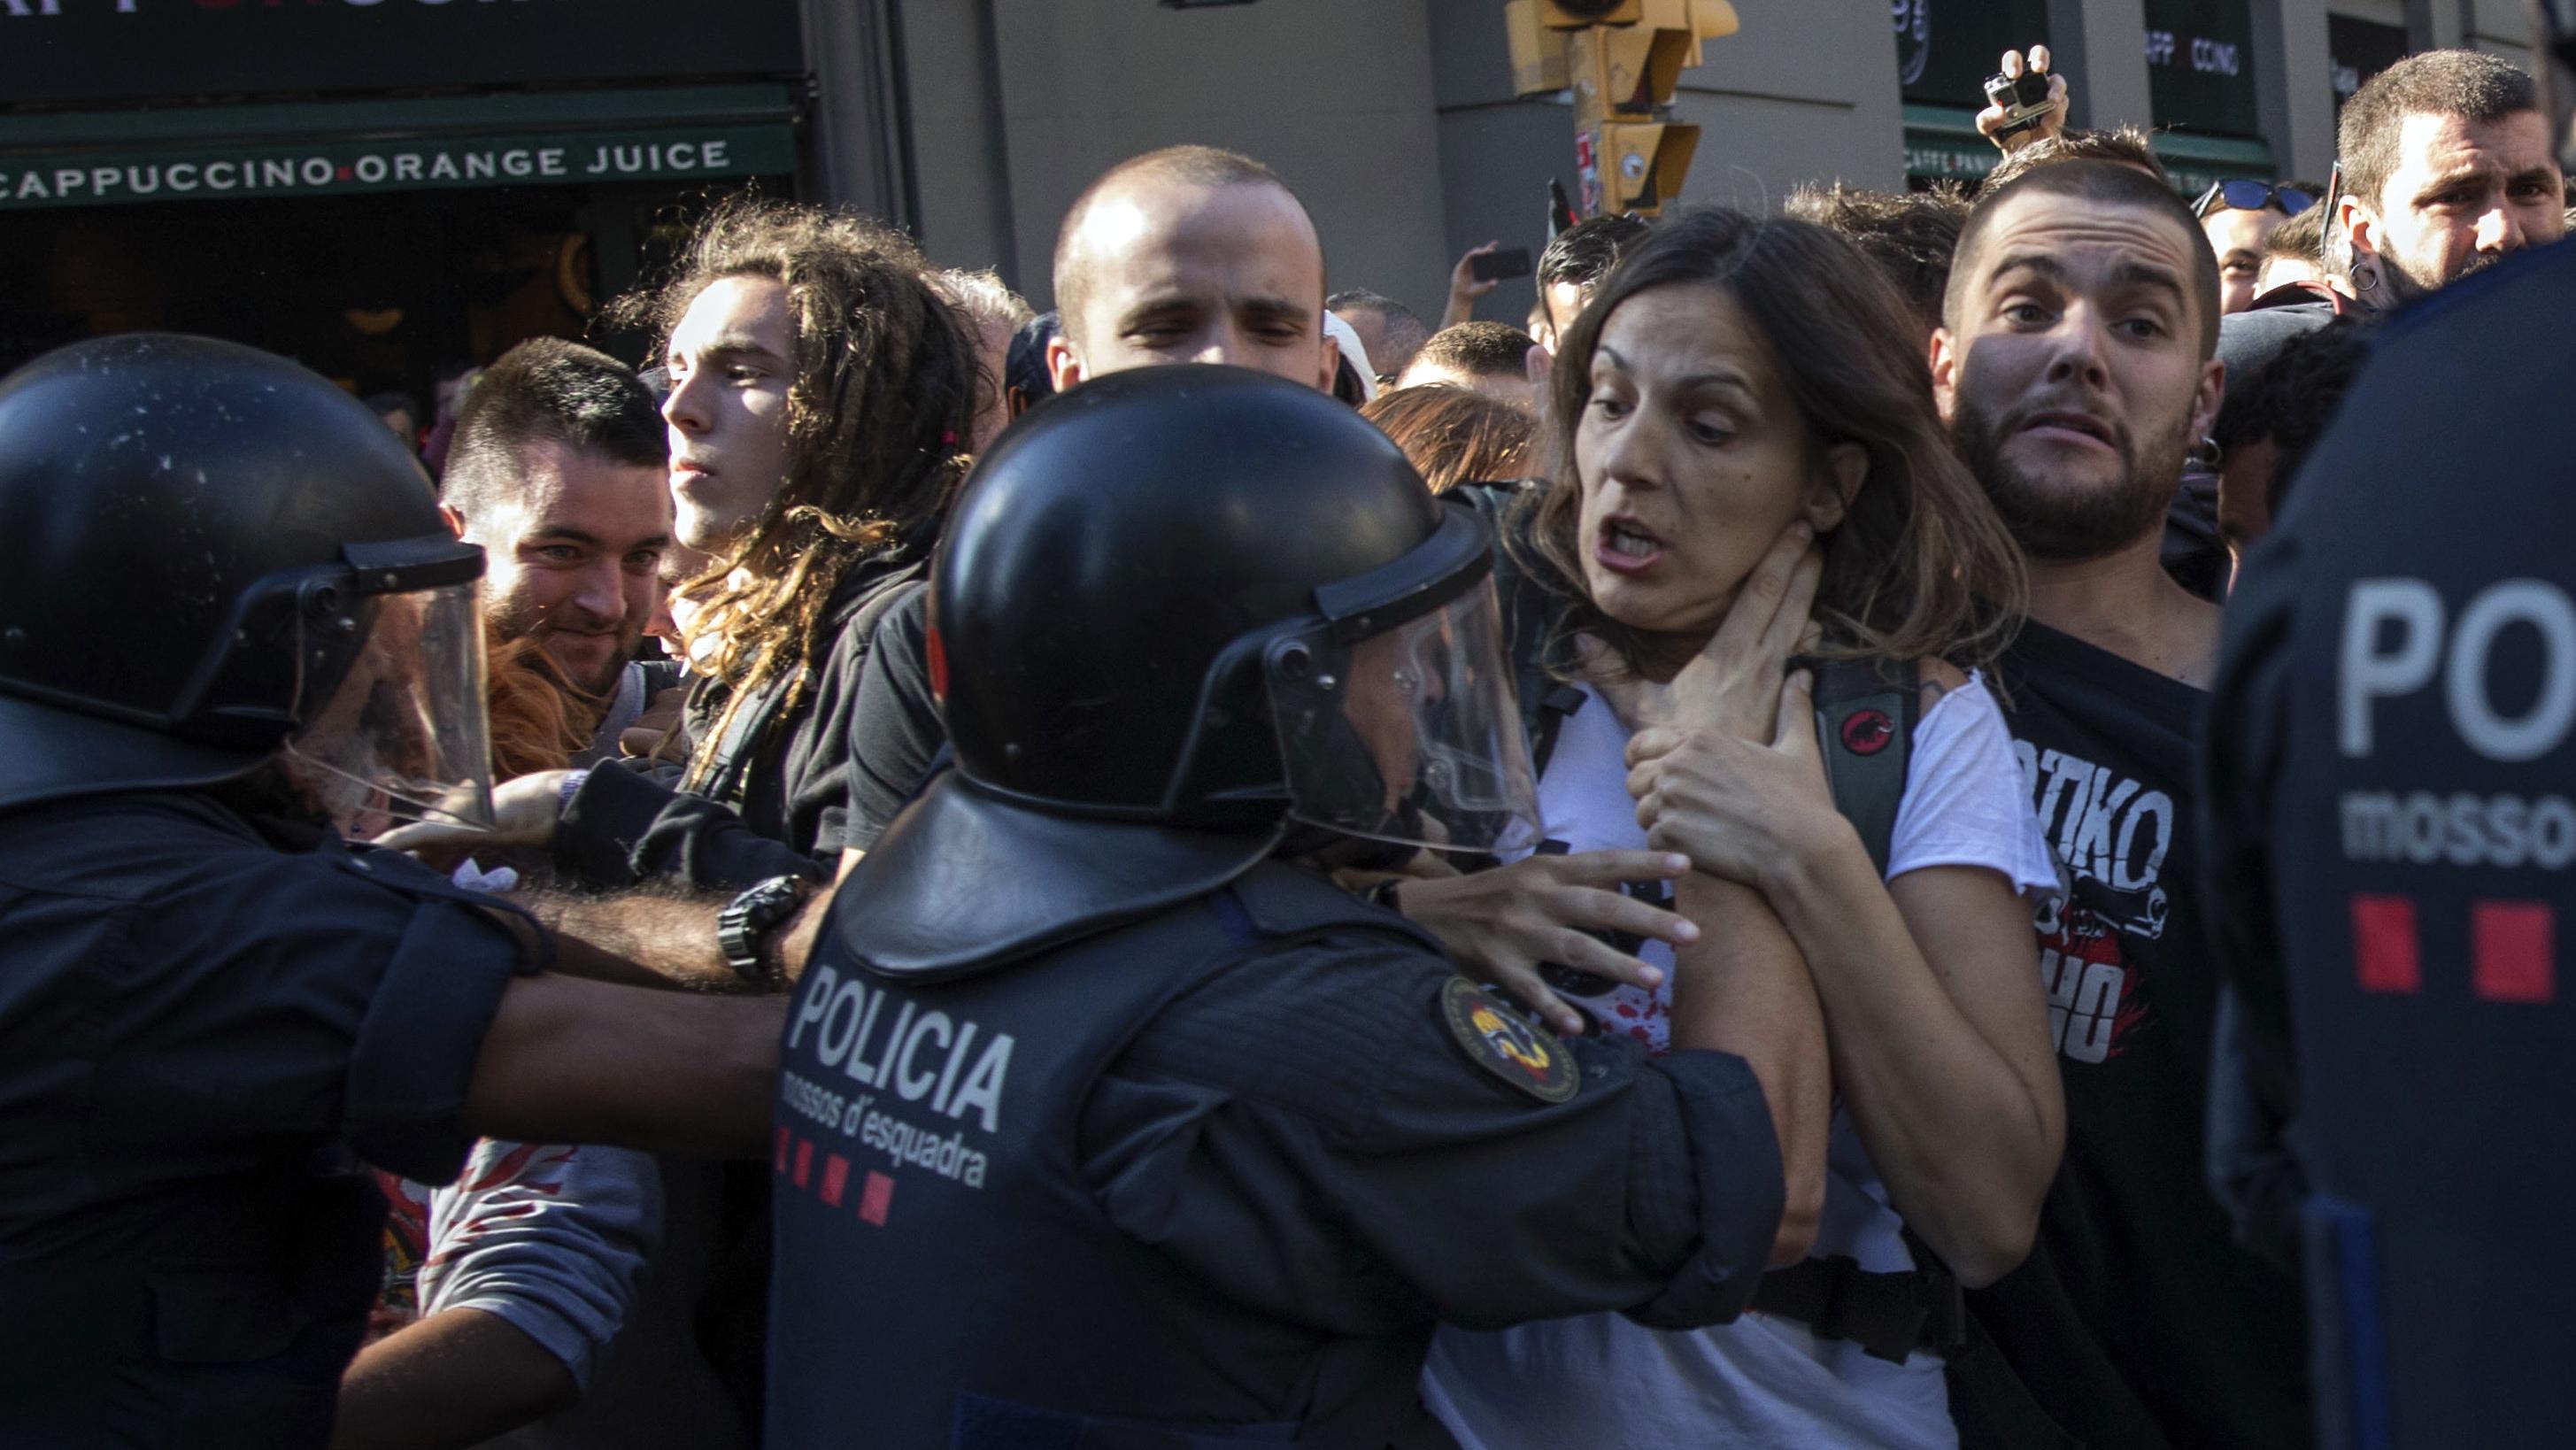 Katalanische Polizisten versuchen die Demonstranten aufzuhalten